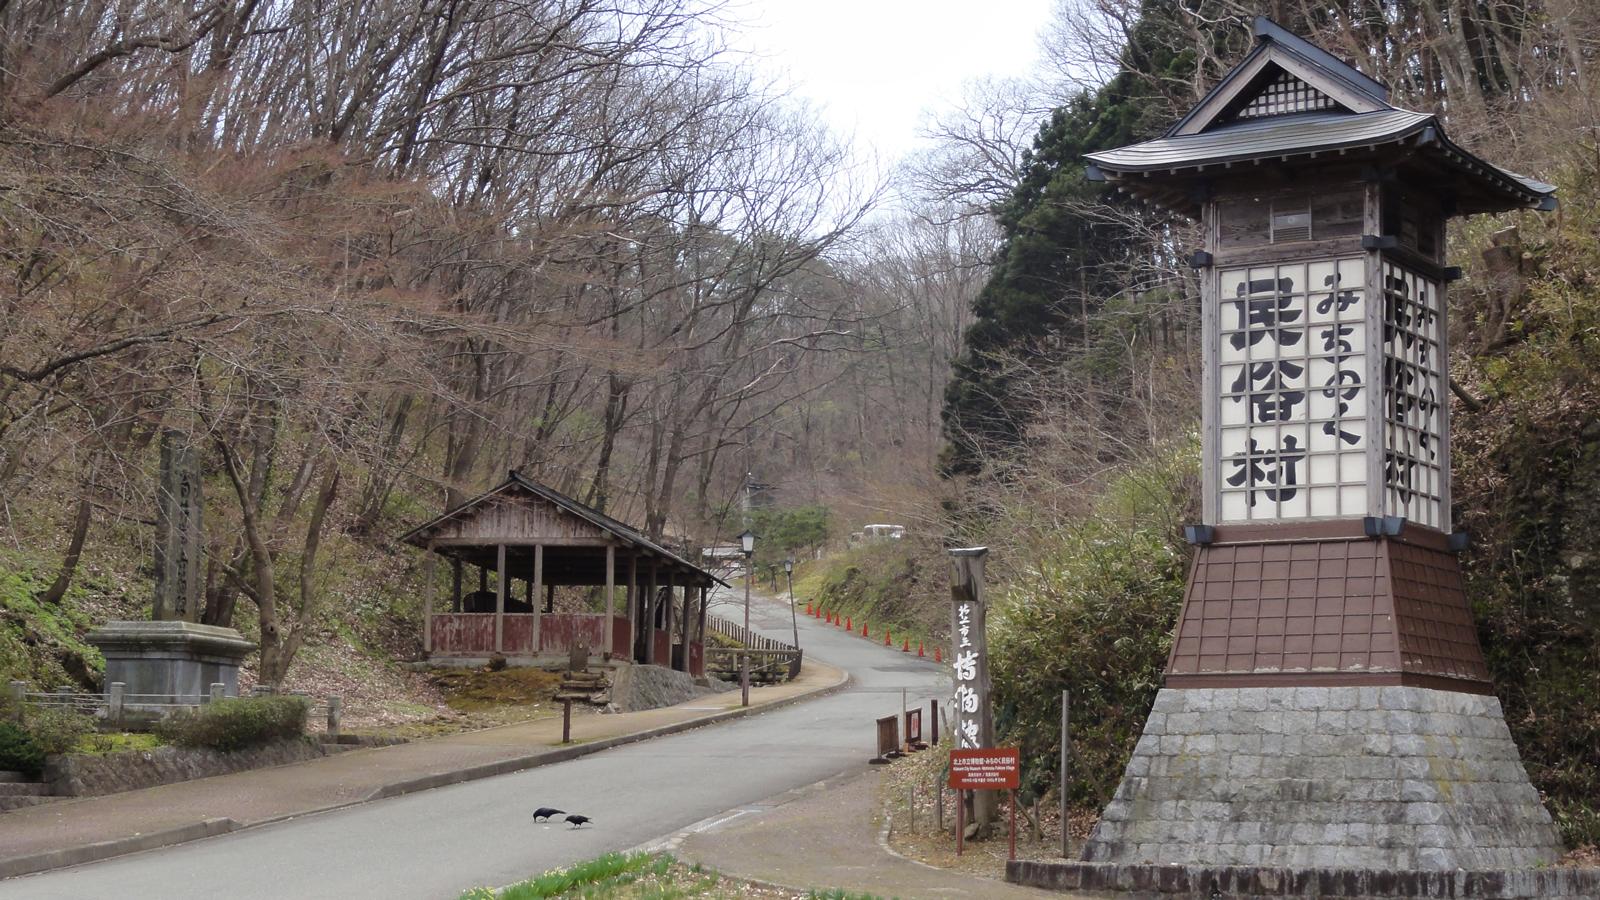 レストハウス向かいのみちのく民俗村入口